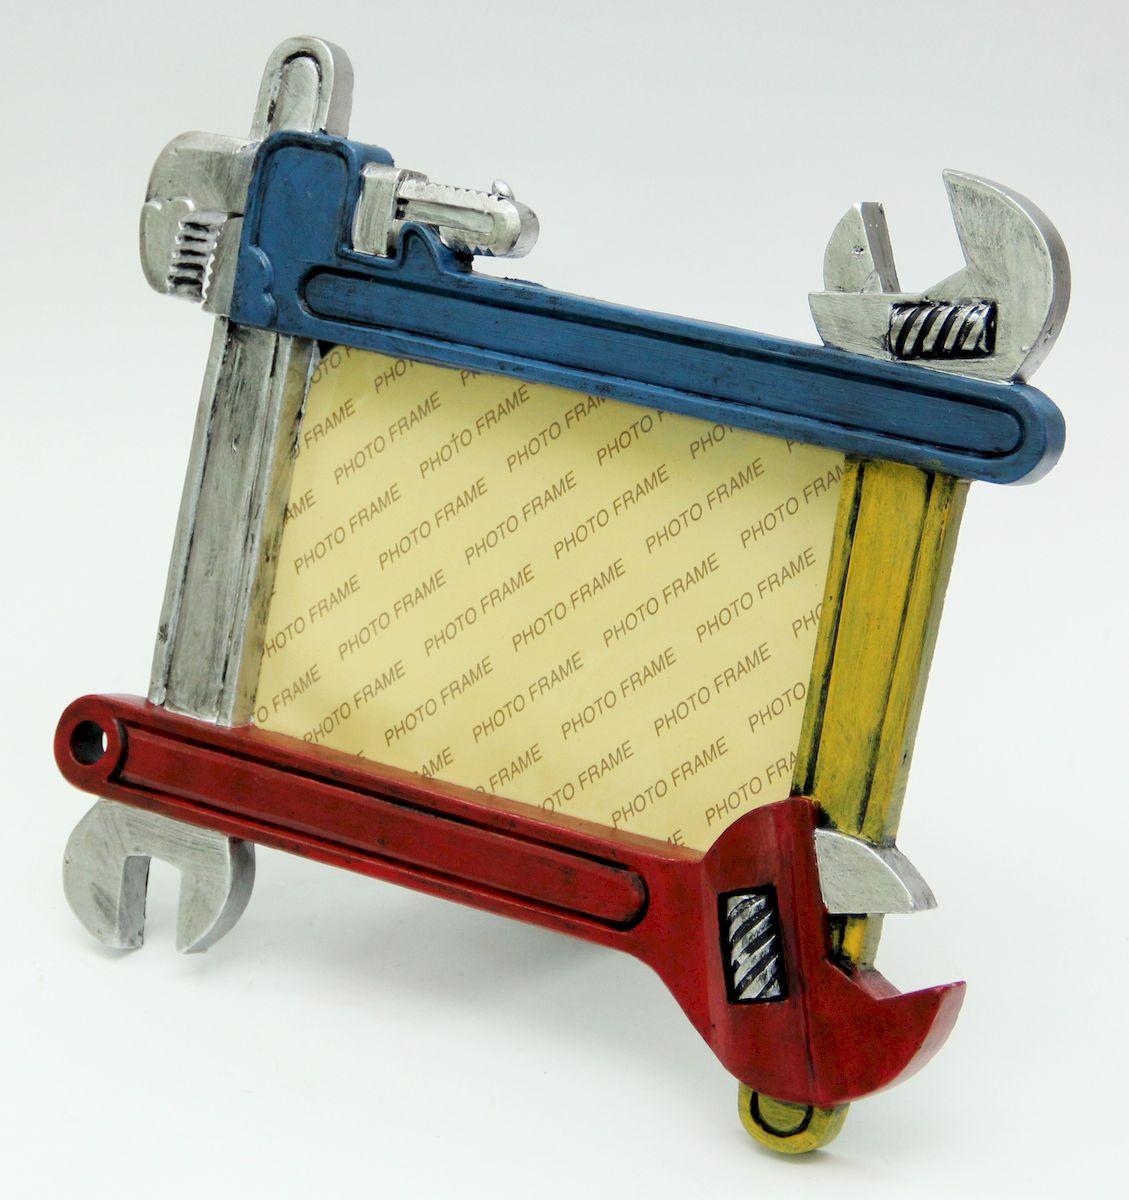 Фоторамка декоративная Magic Home Гаечные ключи. 41076RG-D31SОригинальная фоторамка непременно понравится любому мужчине. Рамку образуют декоративные гаечный, газовый и разводные ключи, изговтоленные из полирезина. Ярка фоторамка станет приятным и забавным подарком другу, коллеге и близкому человеку.